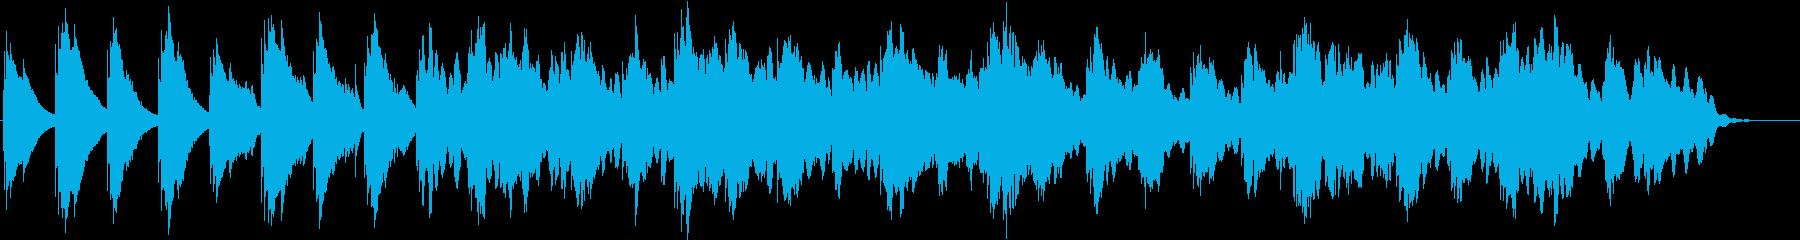 オルゴールのバラード、リラックス、ピアノの再生済みの波形